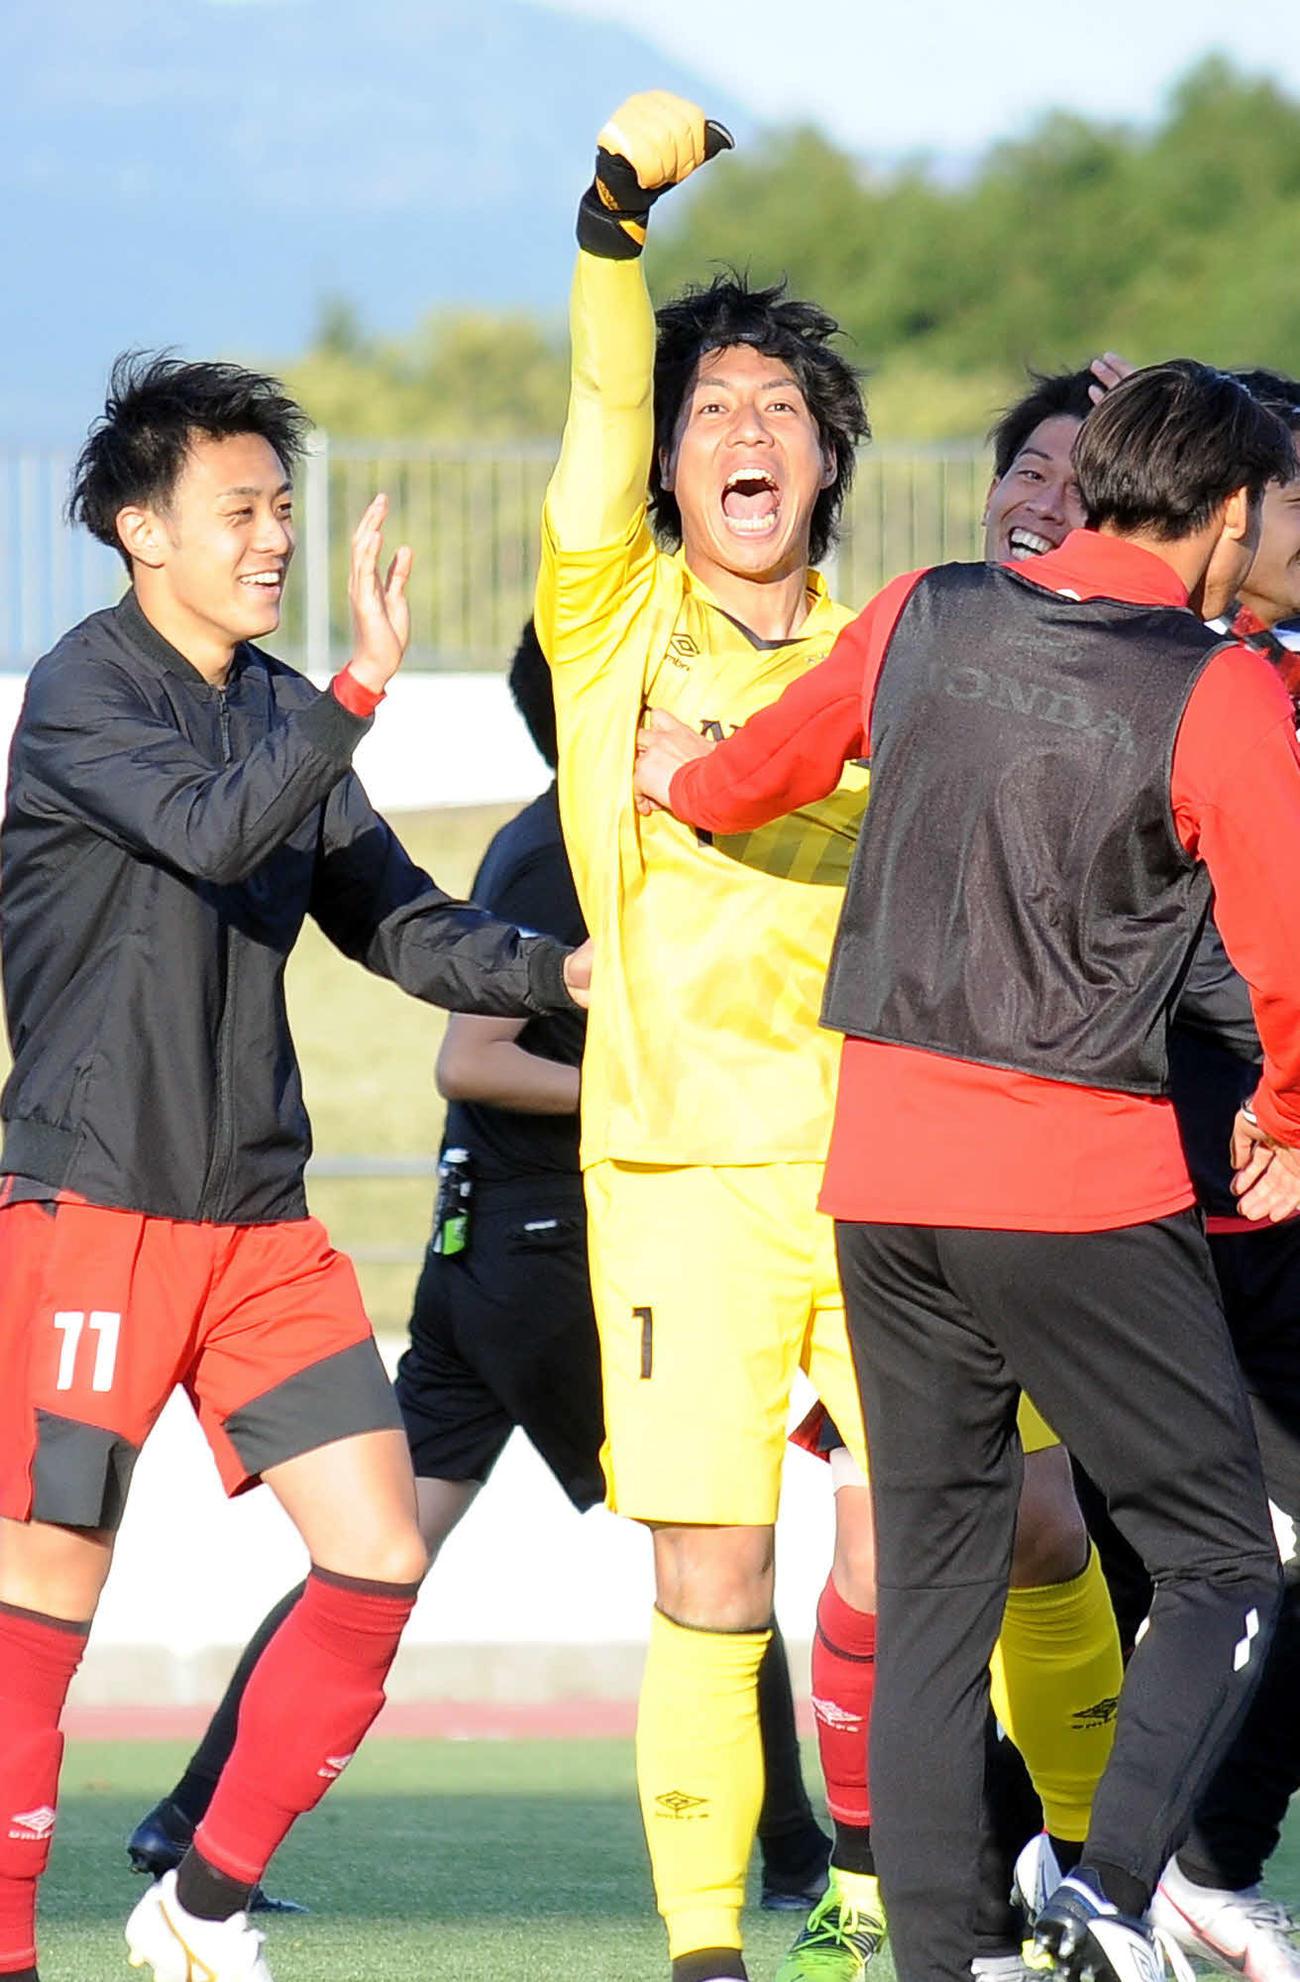 試合後、スタンドに向かってガッツポーズをするホンダFCのGK楠本(中央)